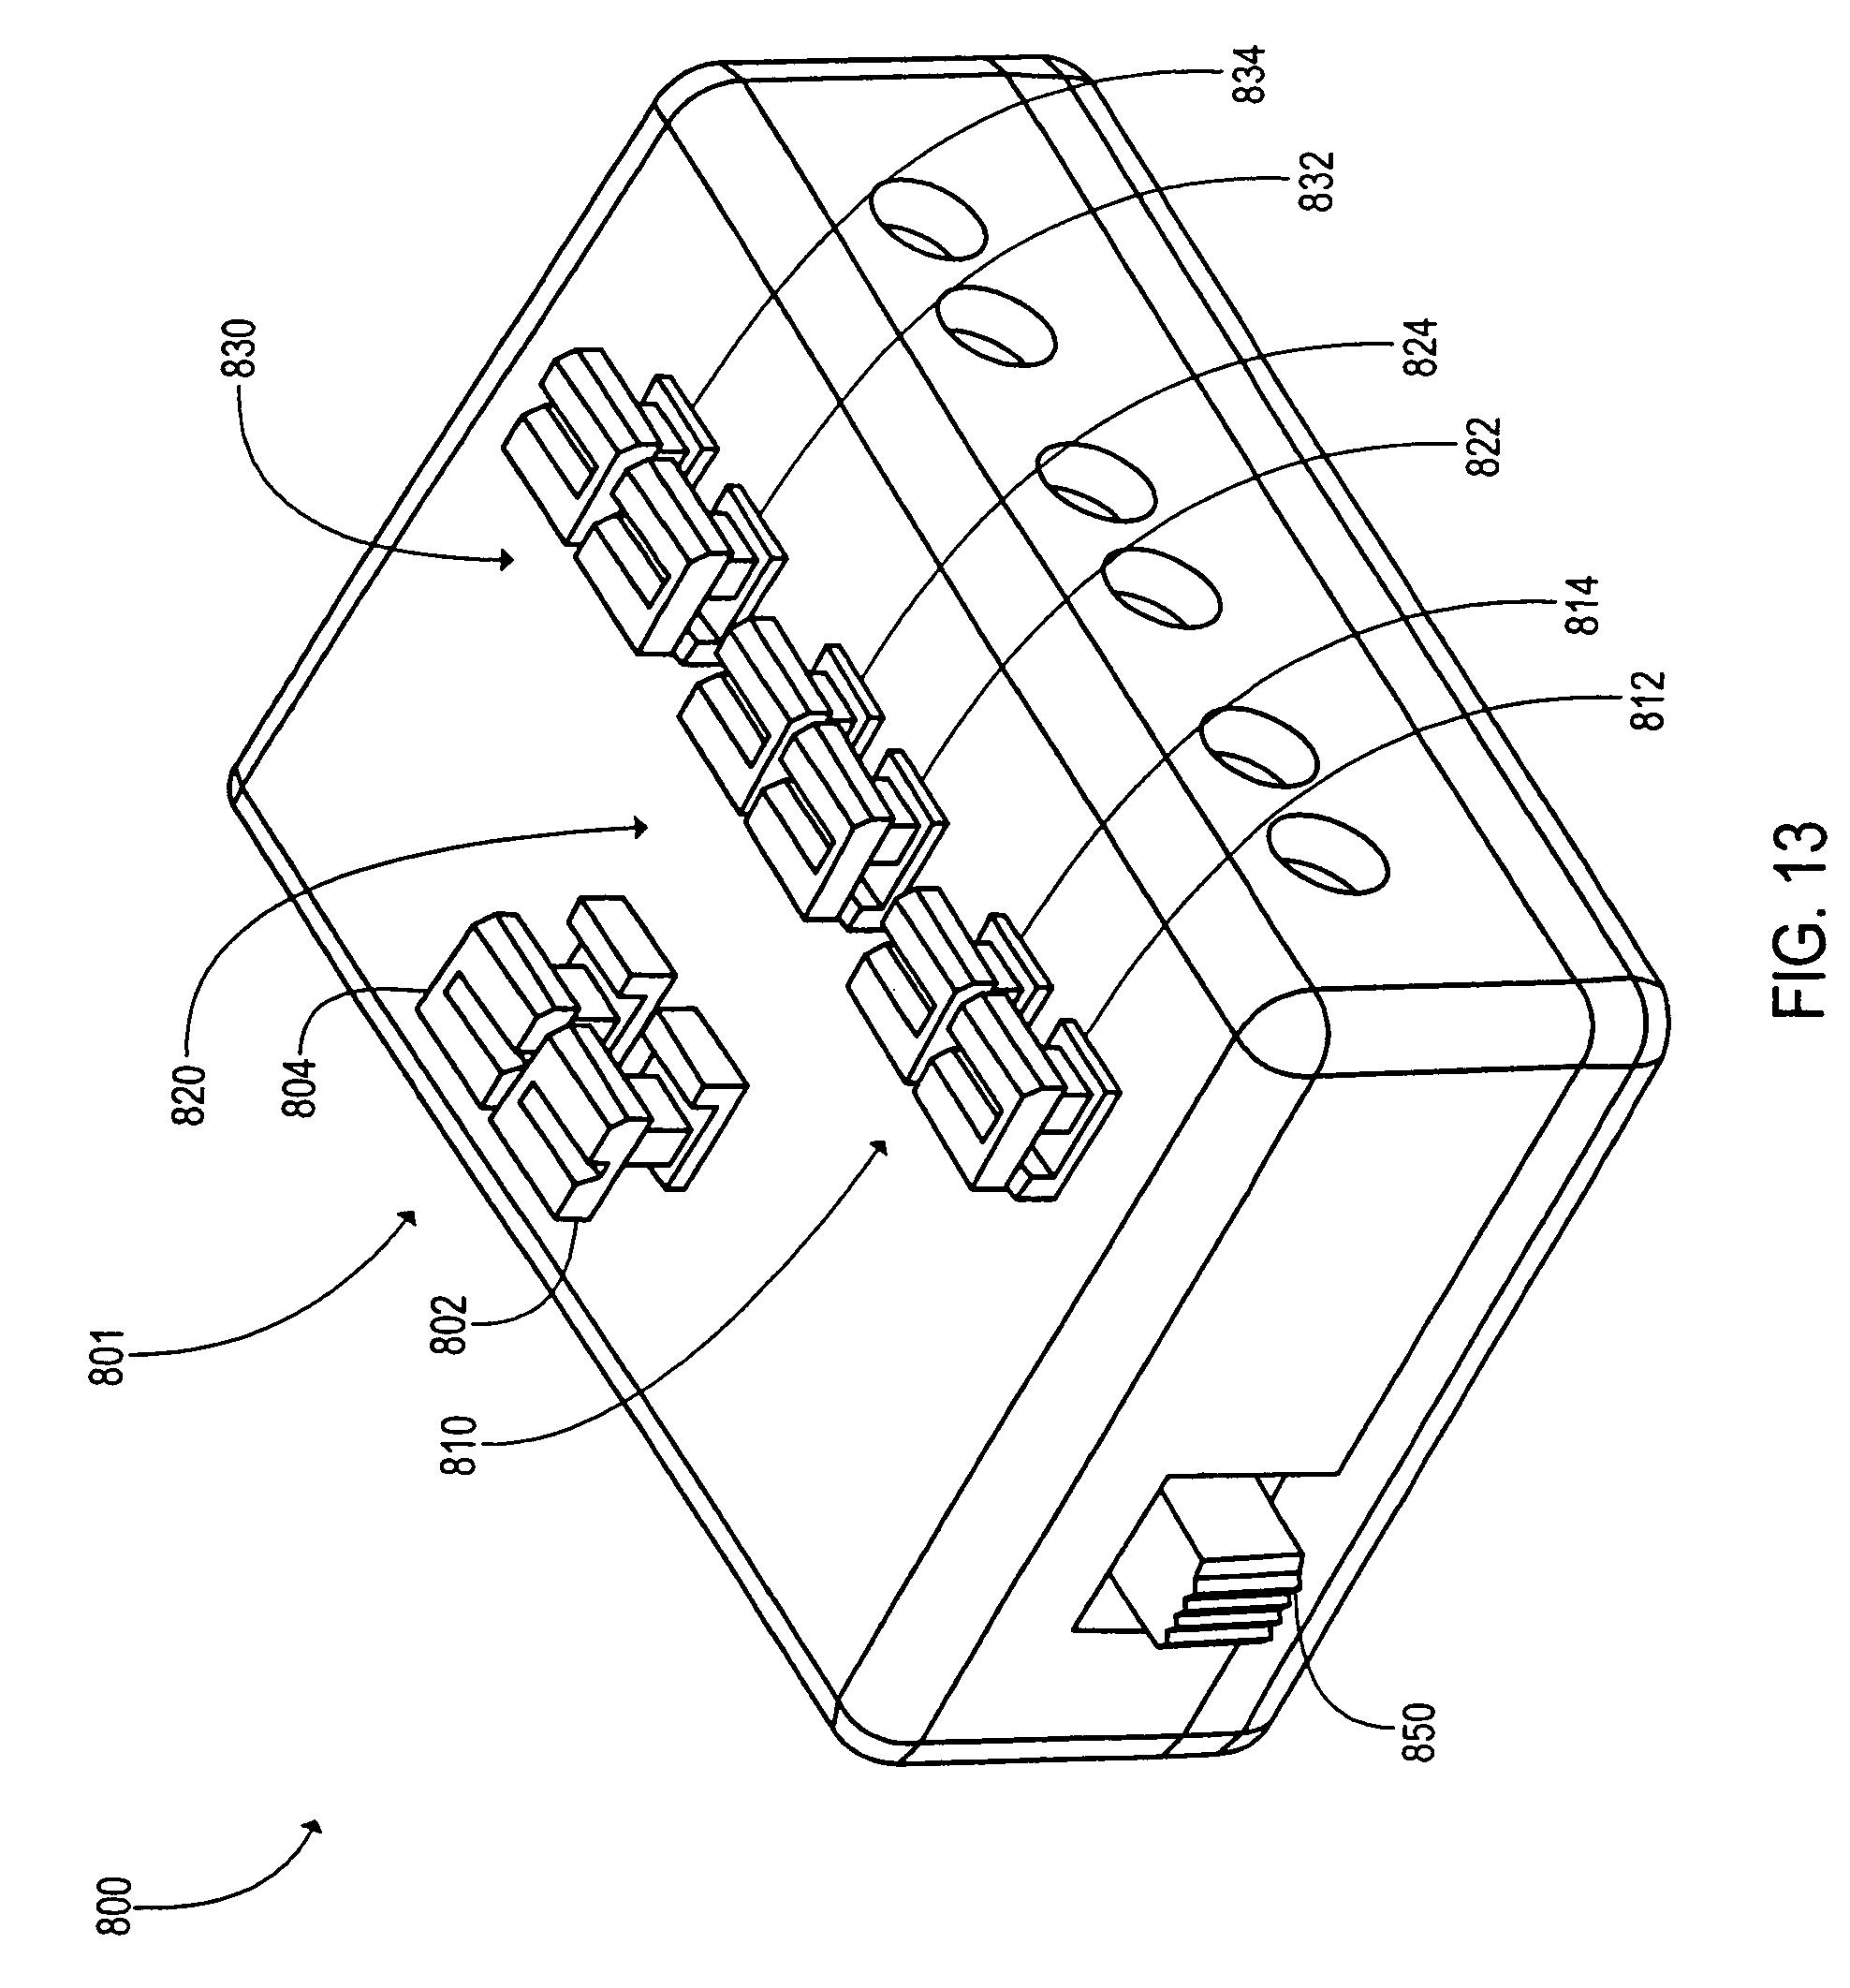 patente us7753577 led lighting for glass tiles google With led lighting for glass tiles google patents on wiring led strip lights